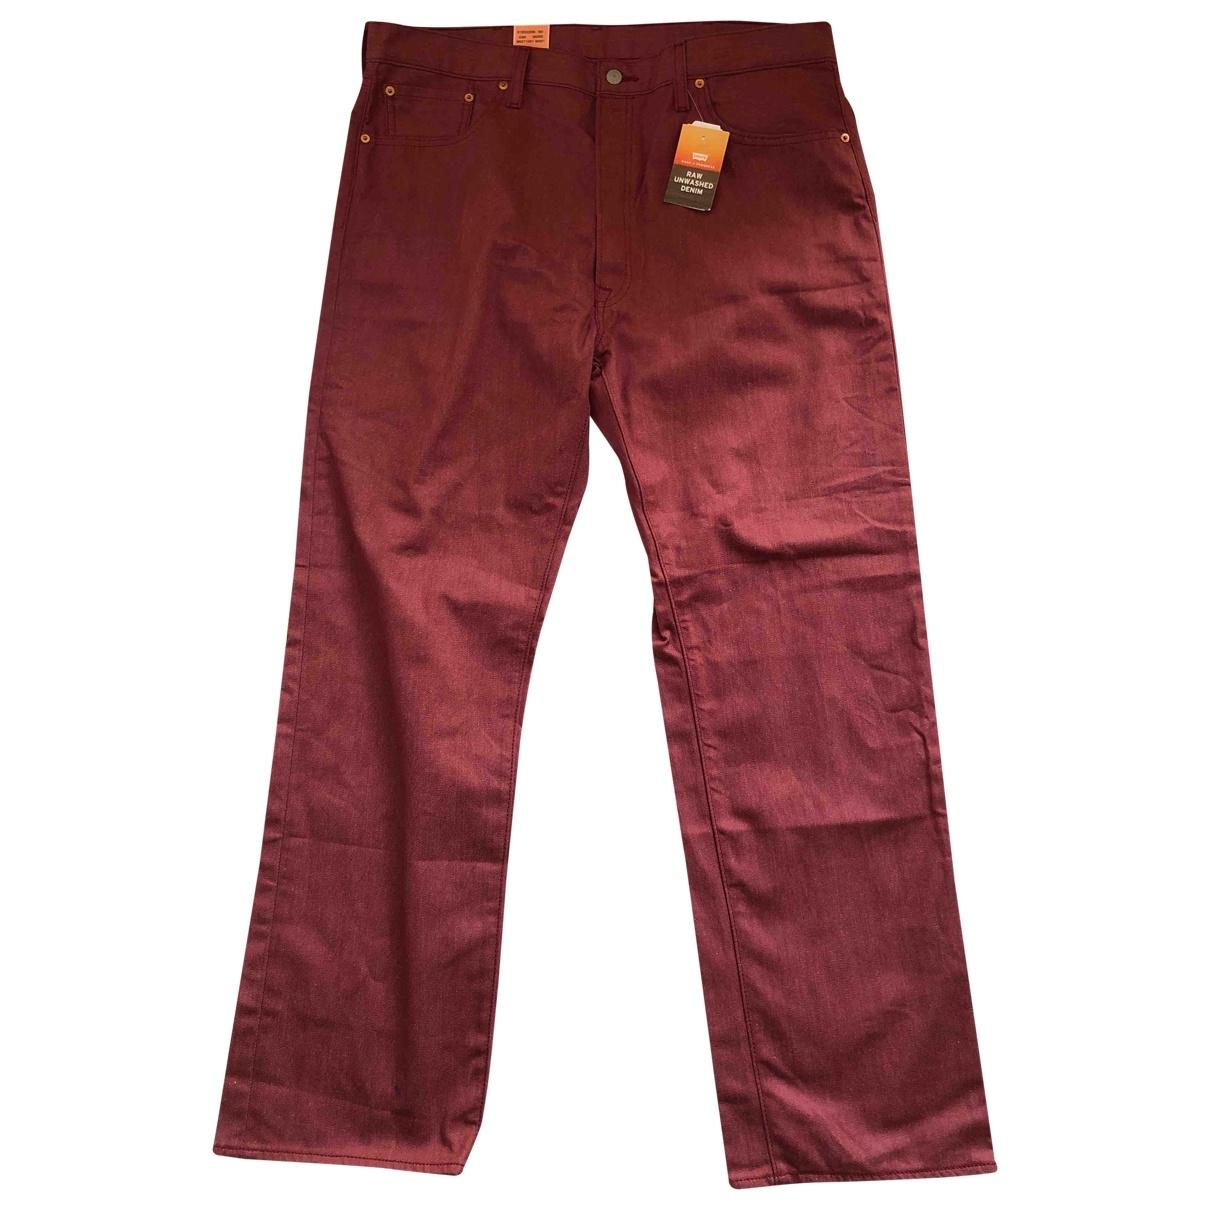 Levi's 501 Burgundy Cotton Jeans for Men 36 US